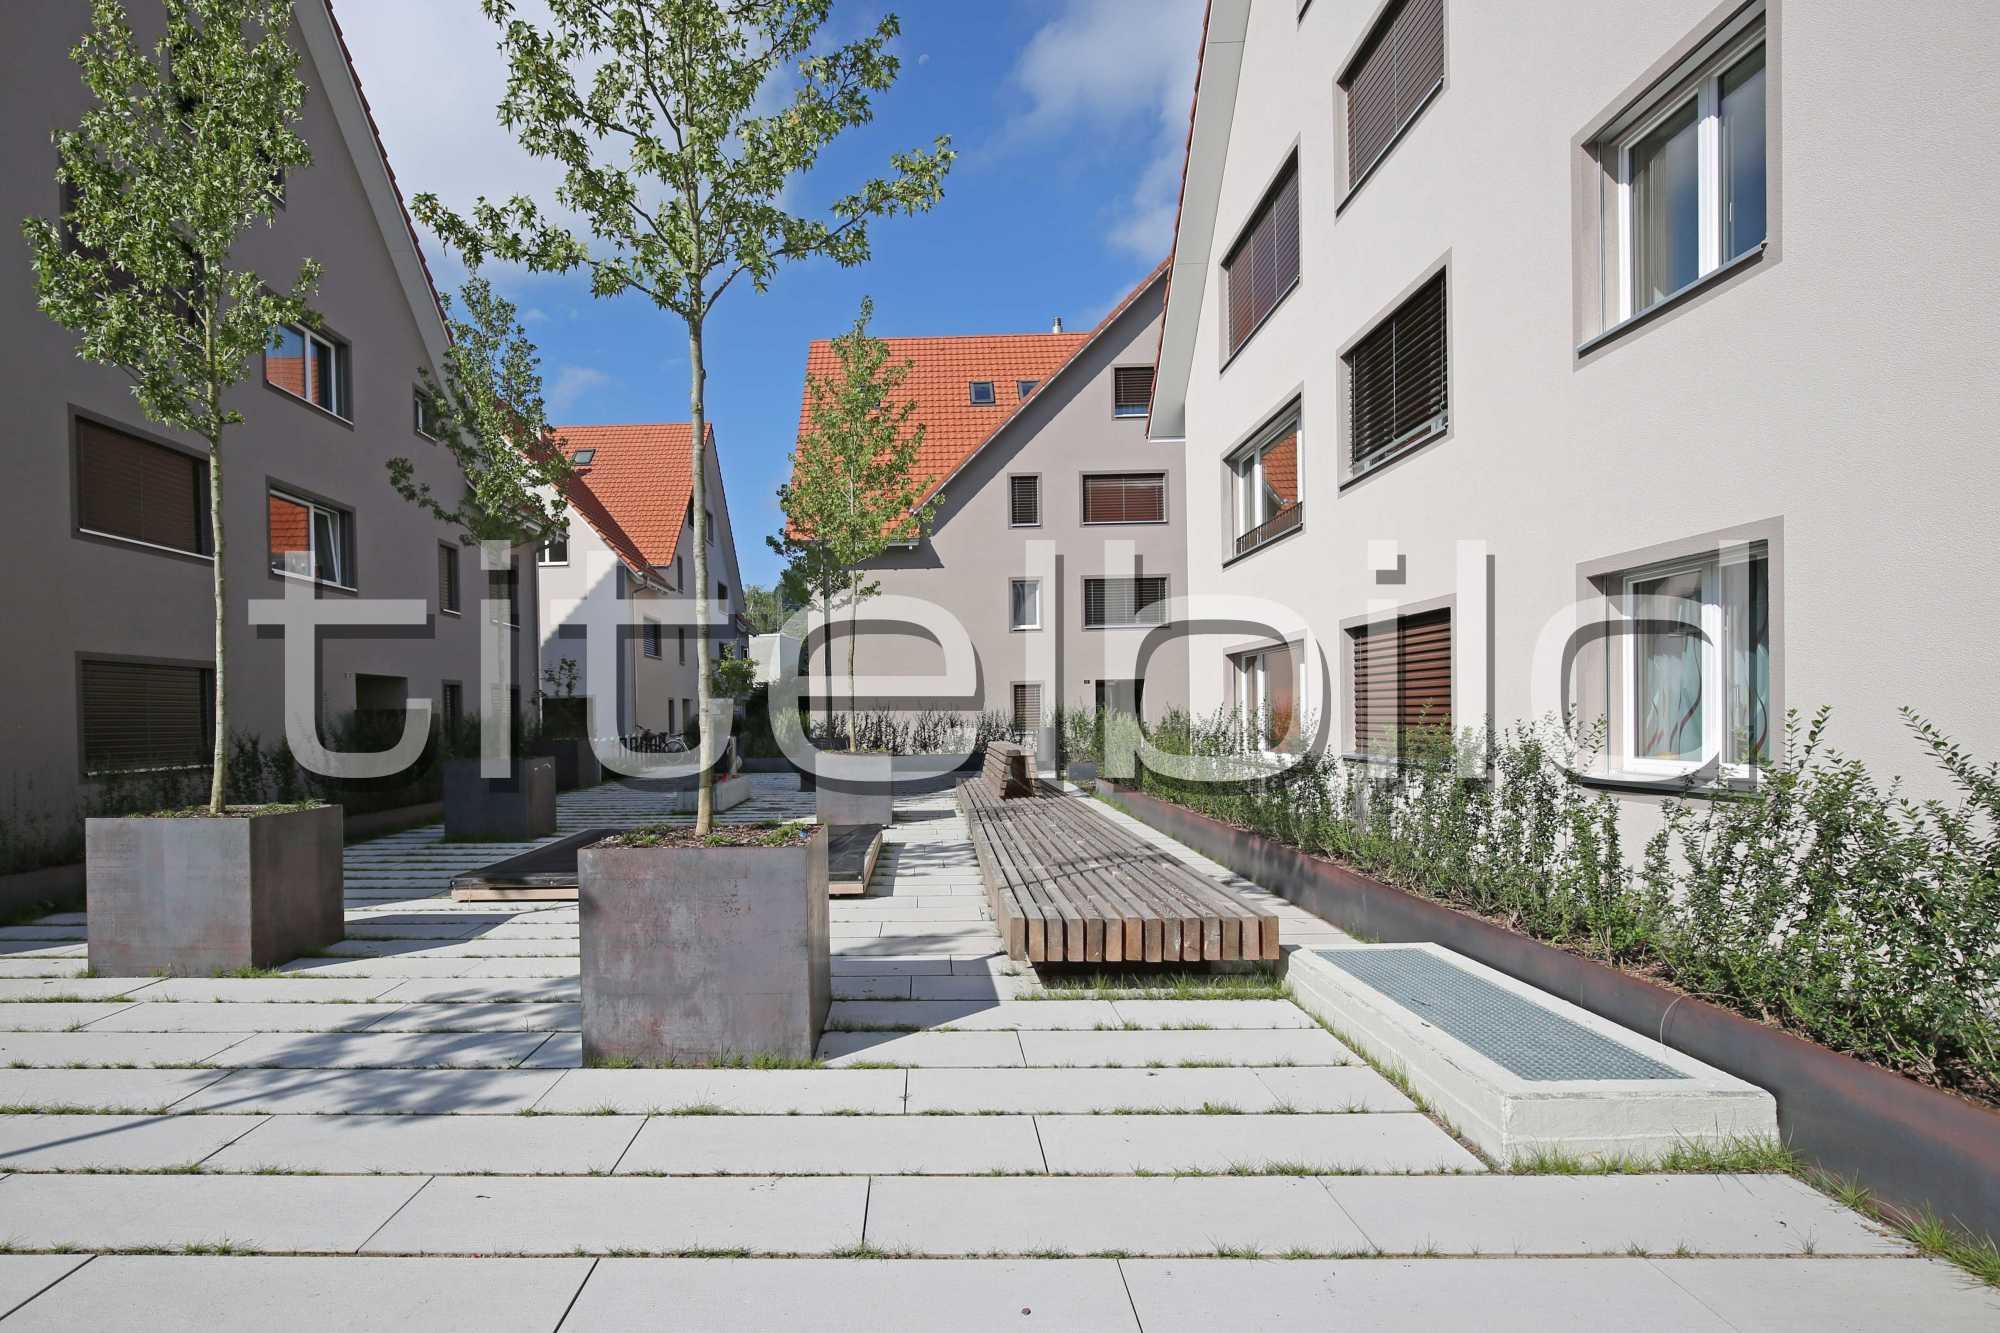 Projektbild-Nr. 0: Wohnüberbauung Pfarrhausstrasse